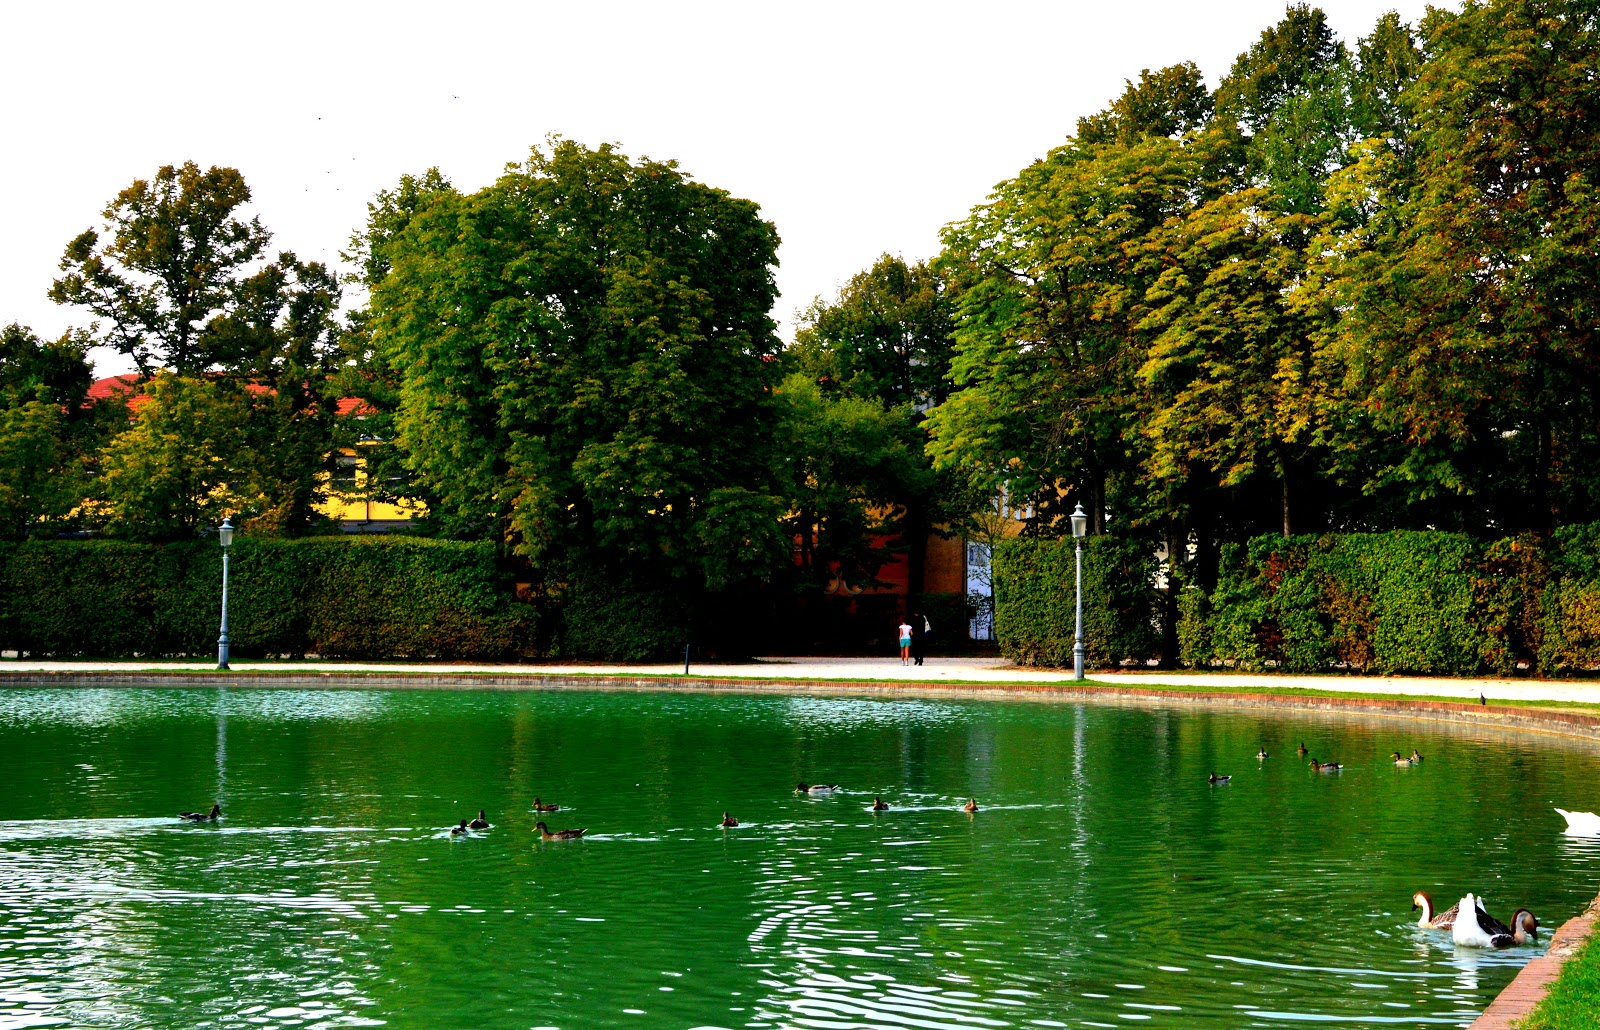 Albergo Hotel a Parma Centro o Relax e Benessere nelle Vicinanze di Parma? Hotel Campus